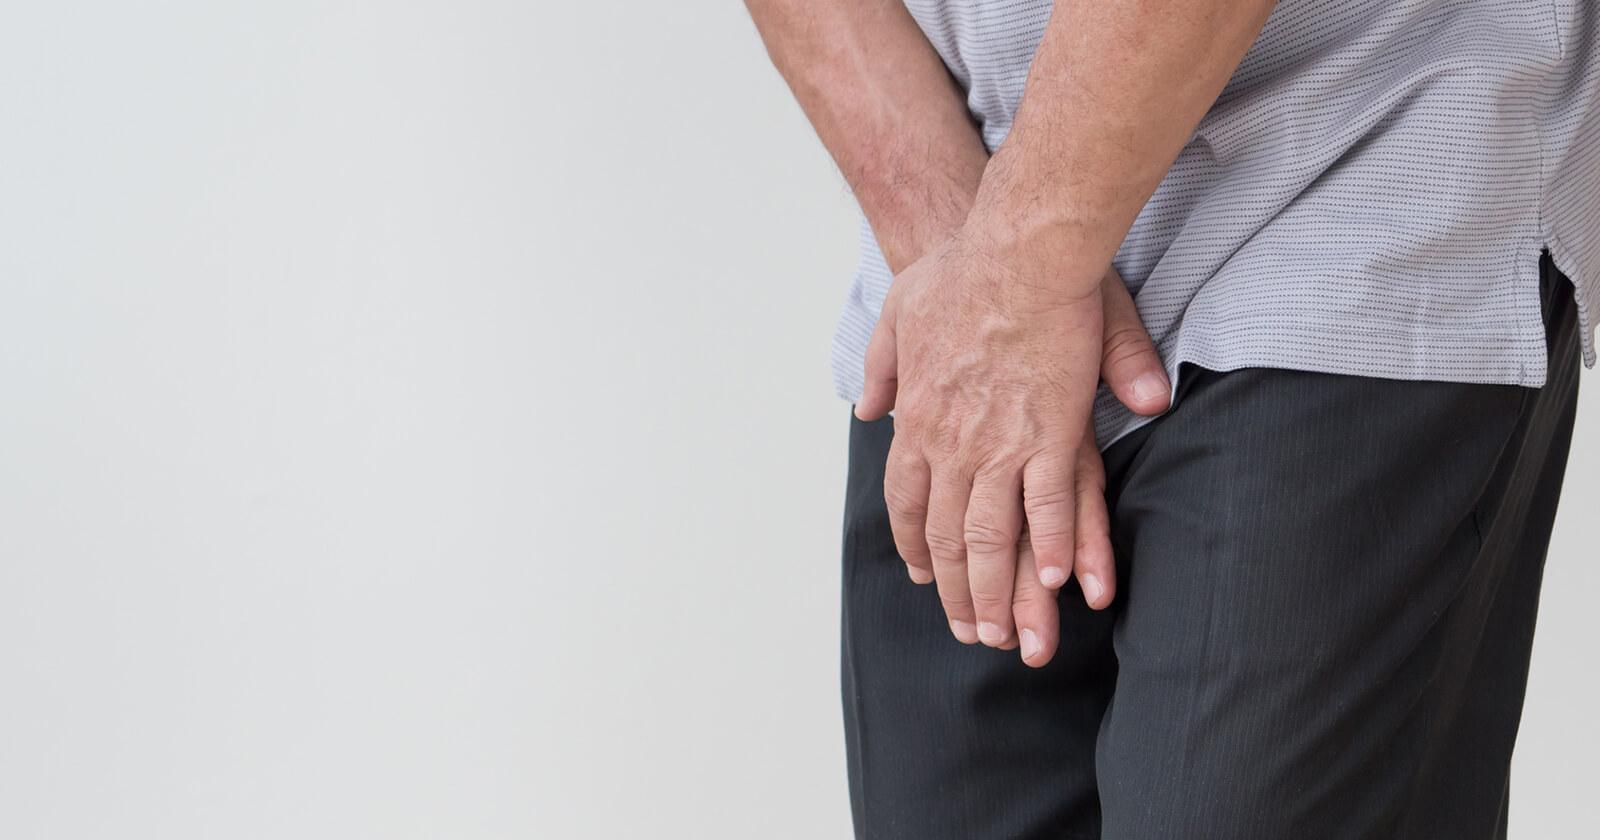 Inkontinenz beim Mann: Ursachen, Formen, Diagnose & Therapie